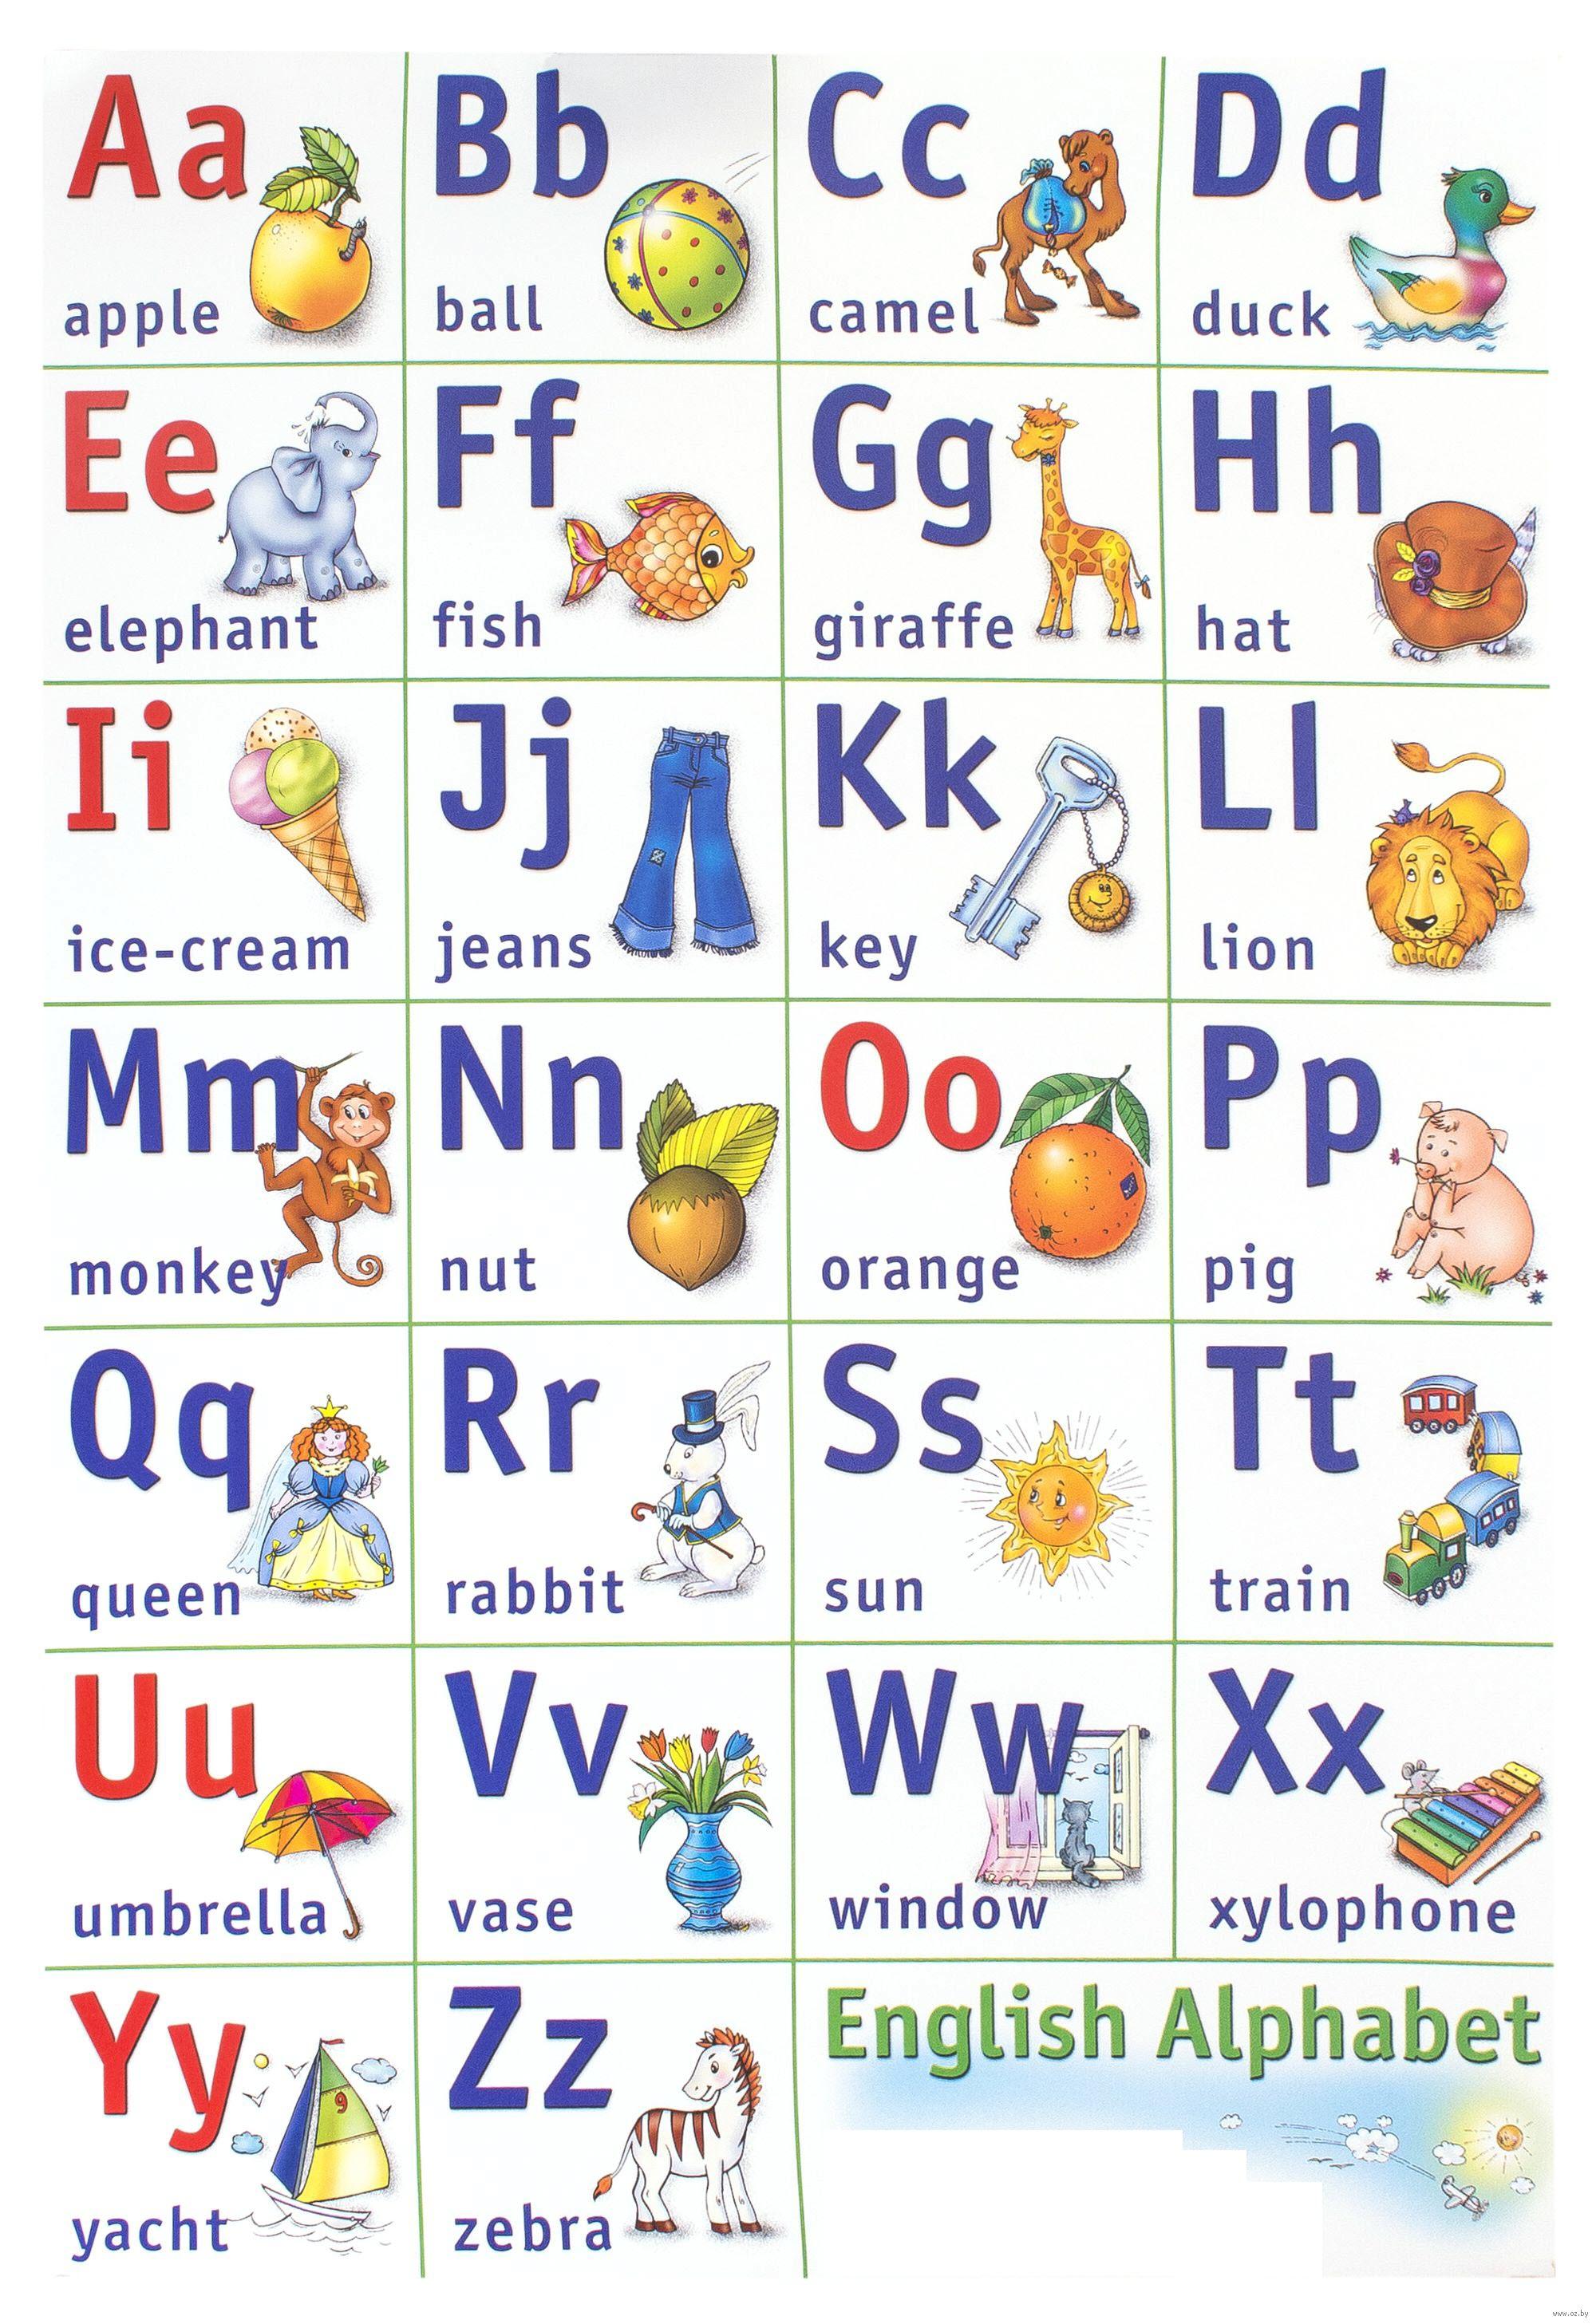 Hình bảng chữ cái tiếng Anh in hoa và in thường